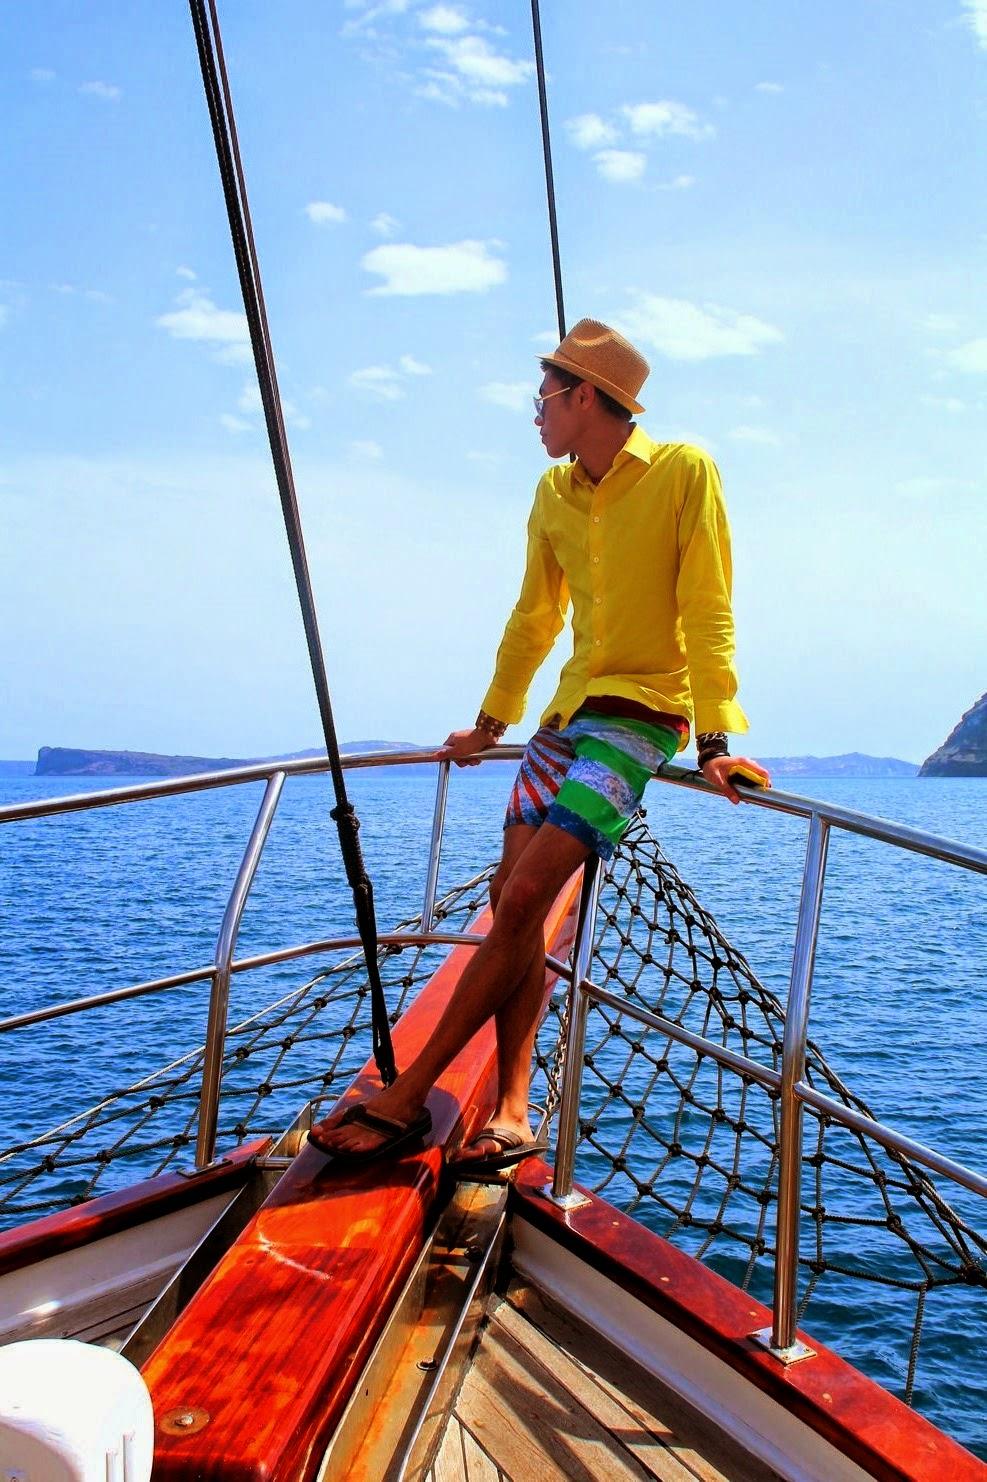 http://ziondejano.blogspot.com/2014/04/sailing-caldera_24.html